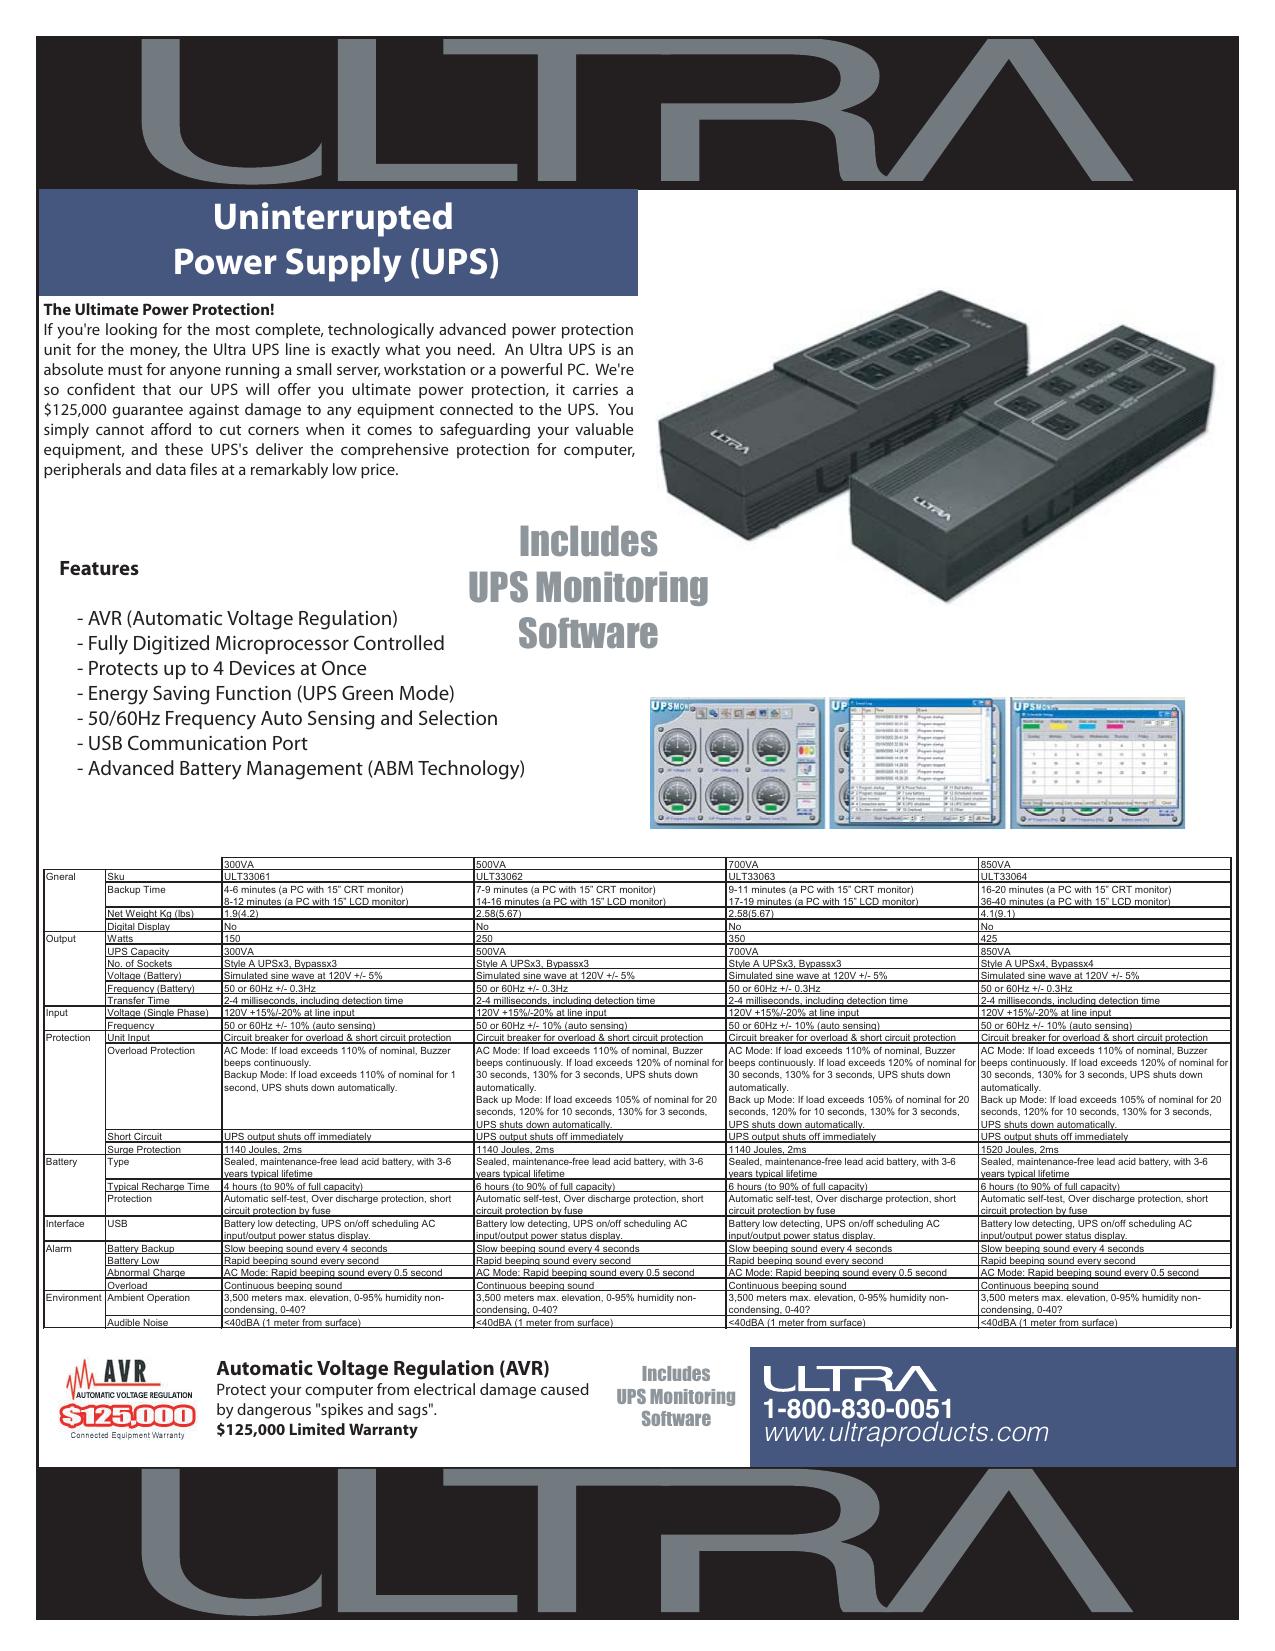 Ultra ULT33063 UPS Data Sheet